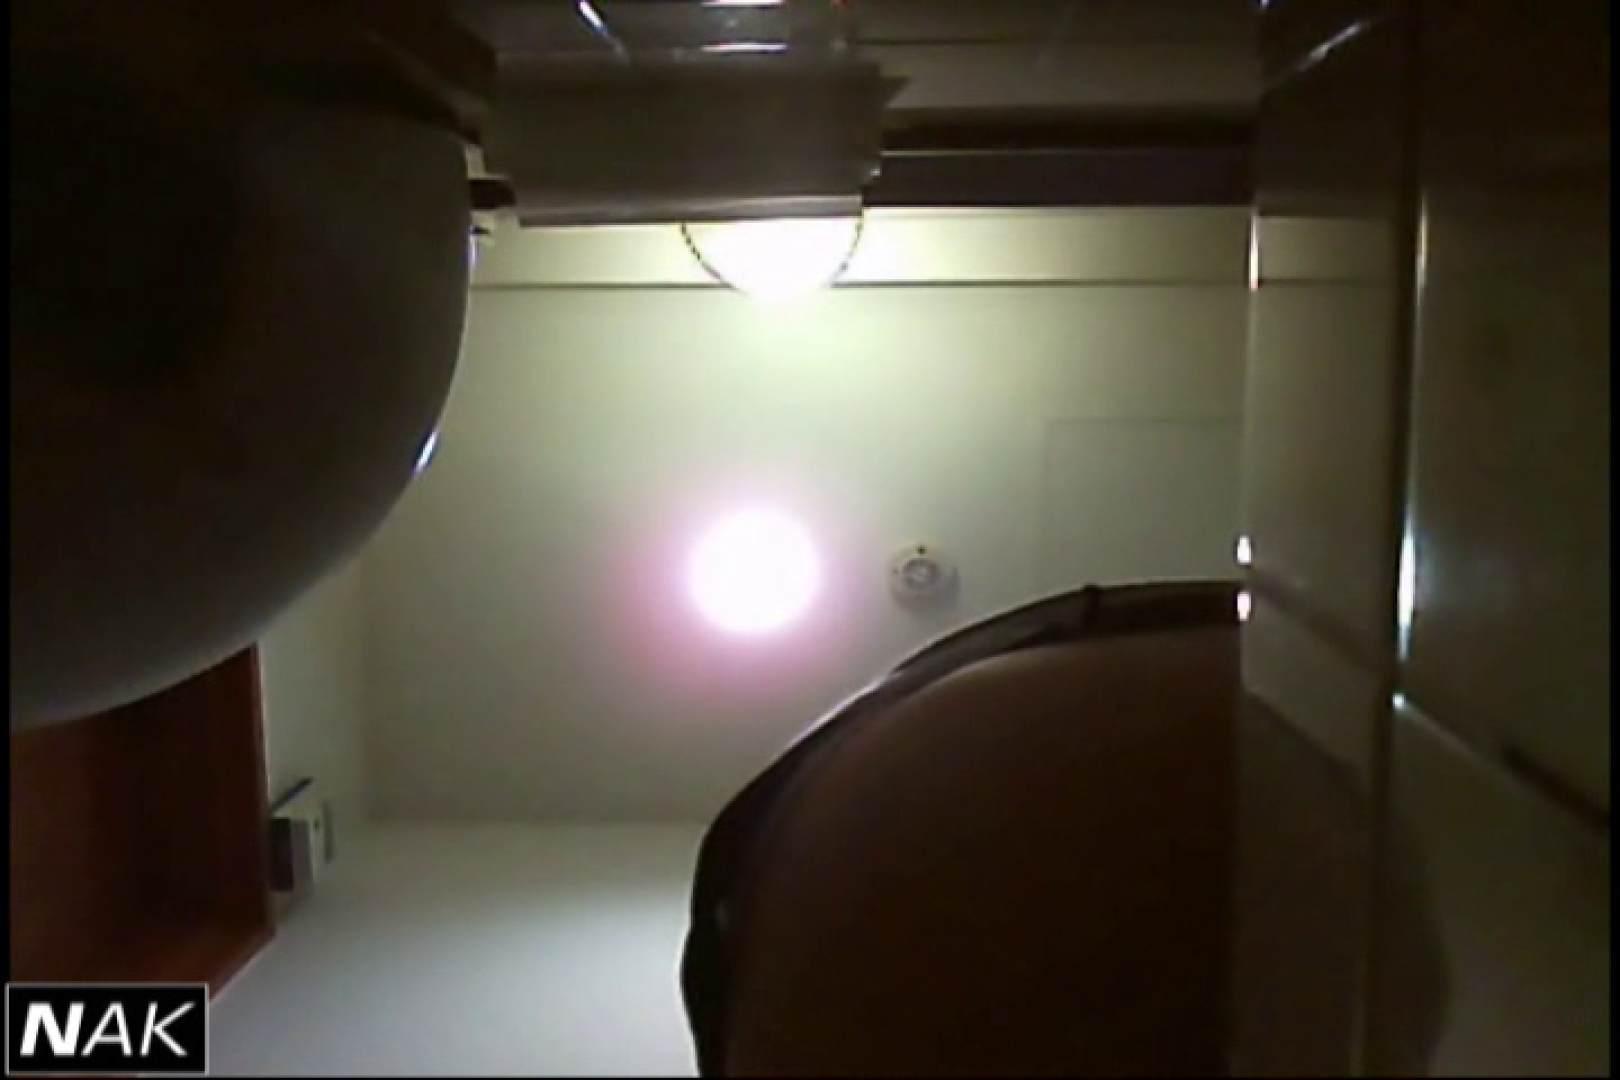 亀さんかわや VIP和式2カメバージョン! vol.05 マンコ無修正 覗きスケベ動画紹介 110画像 87